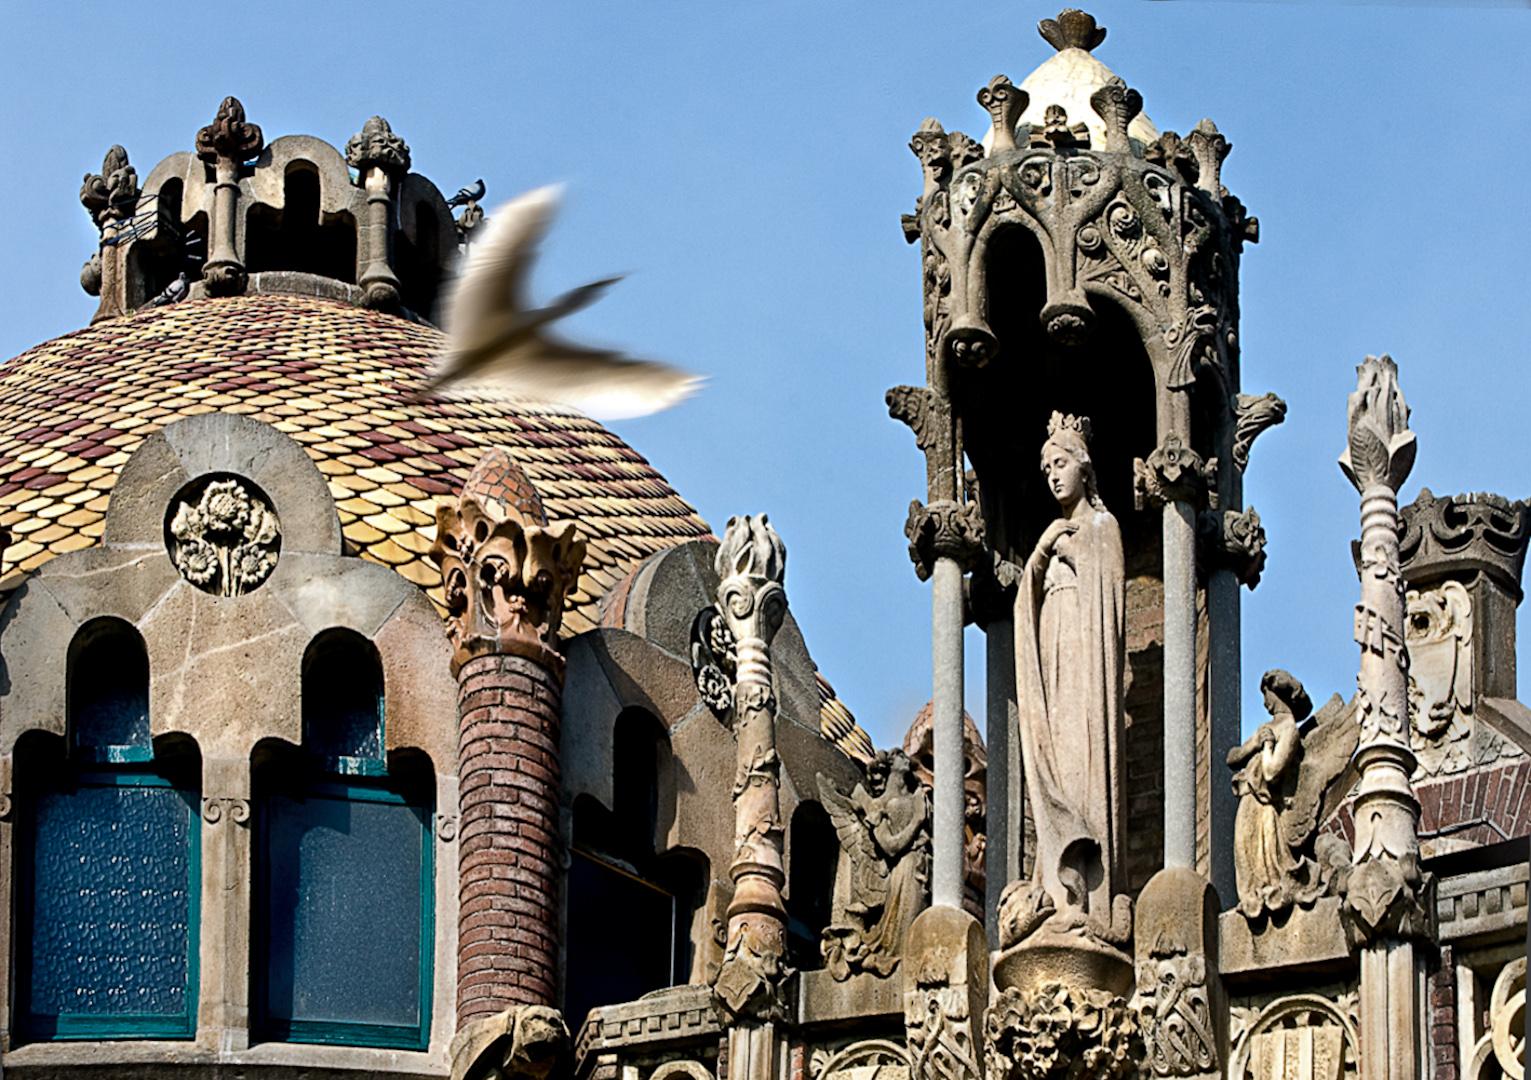 039_spain church skyline with bird.jpg